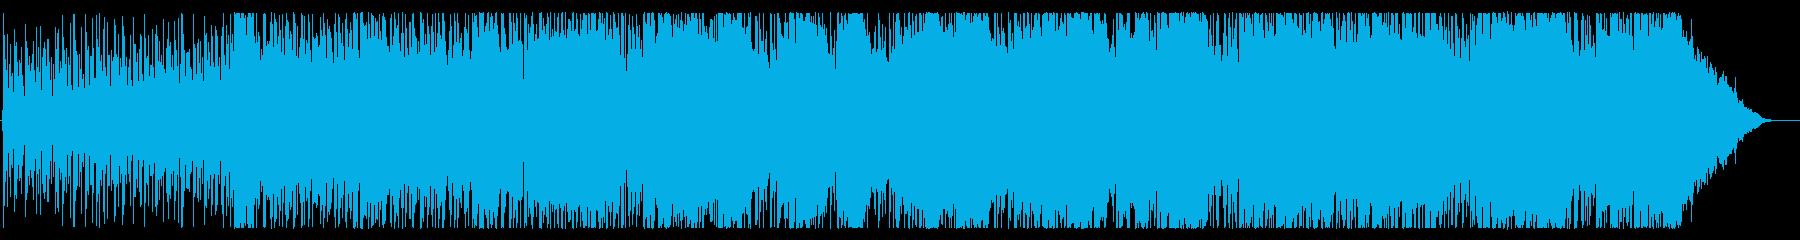 自由の為の解放曲の再生済みの波形